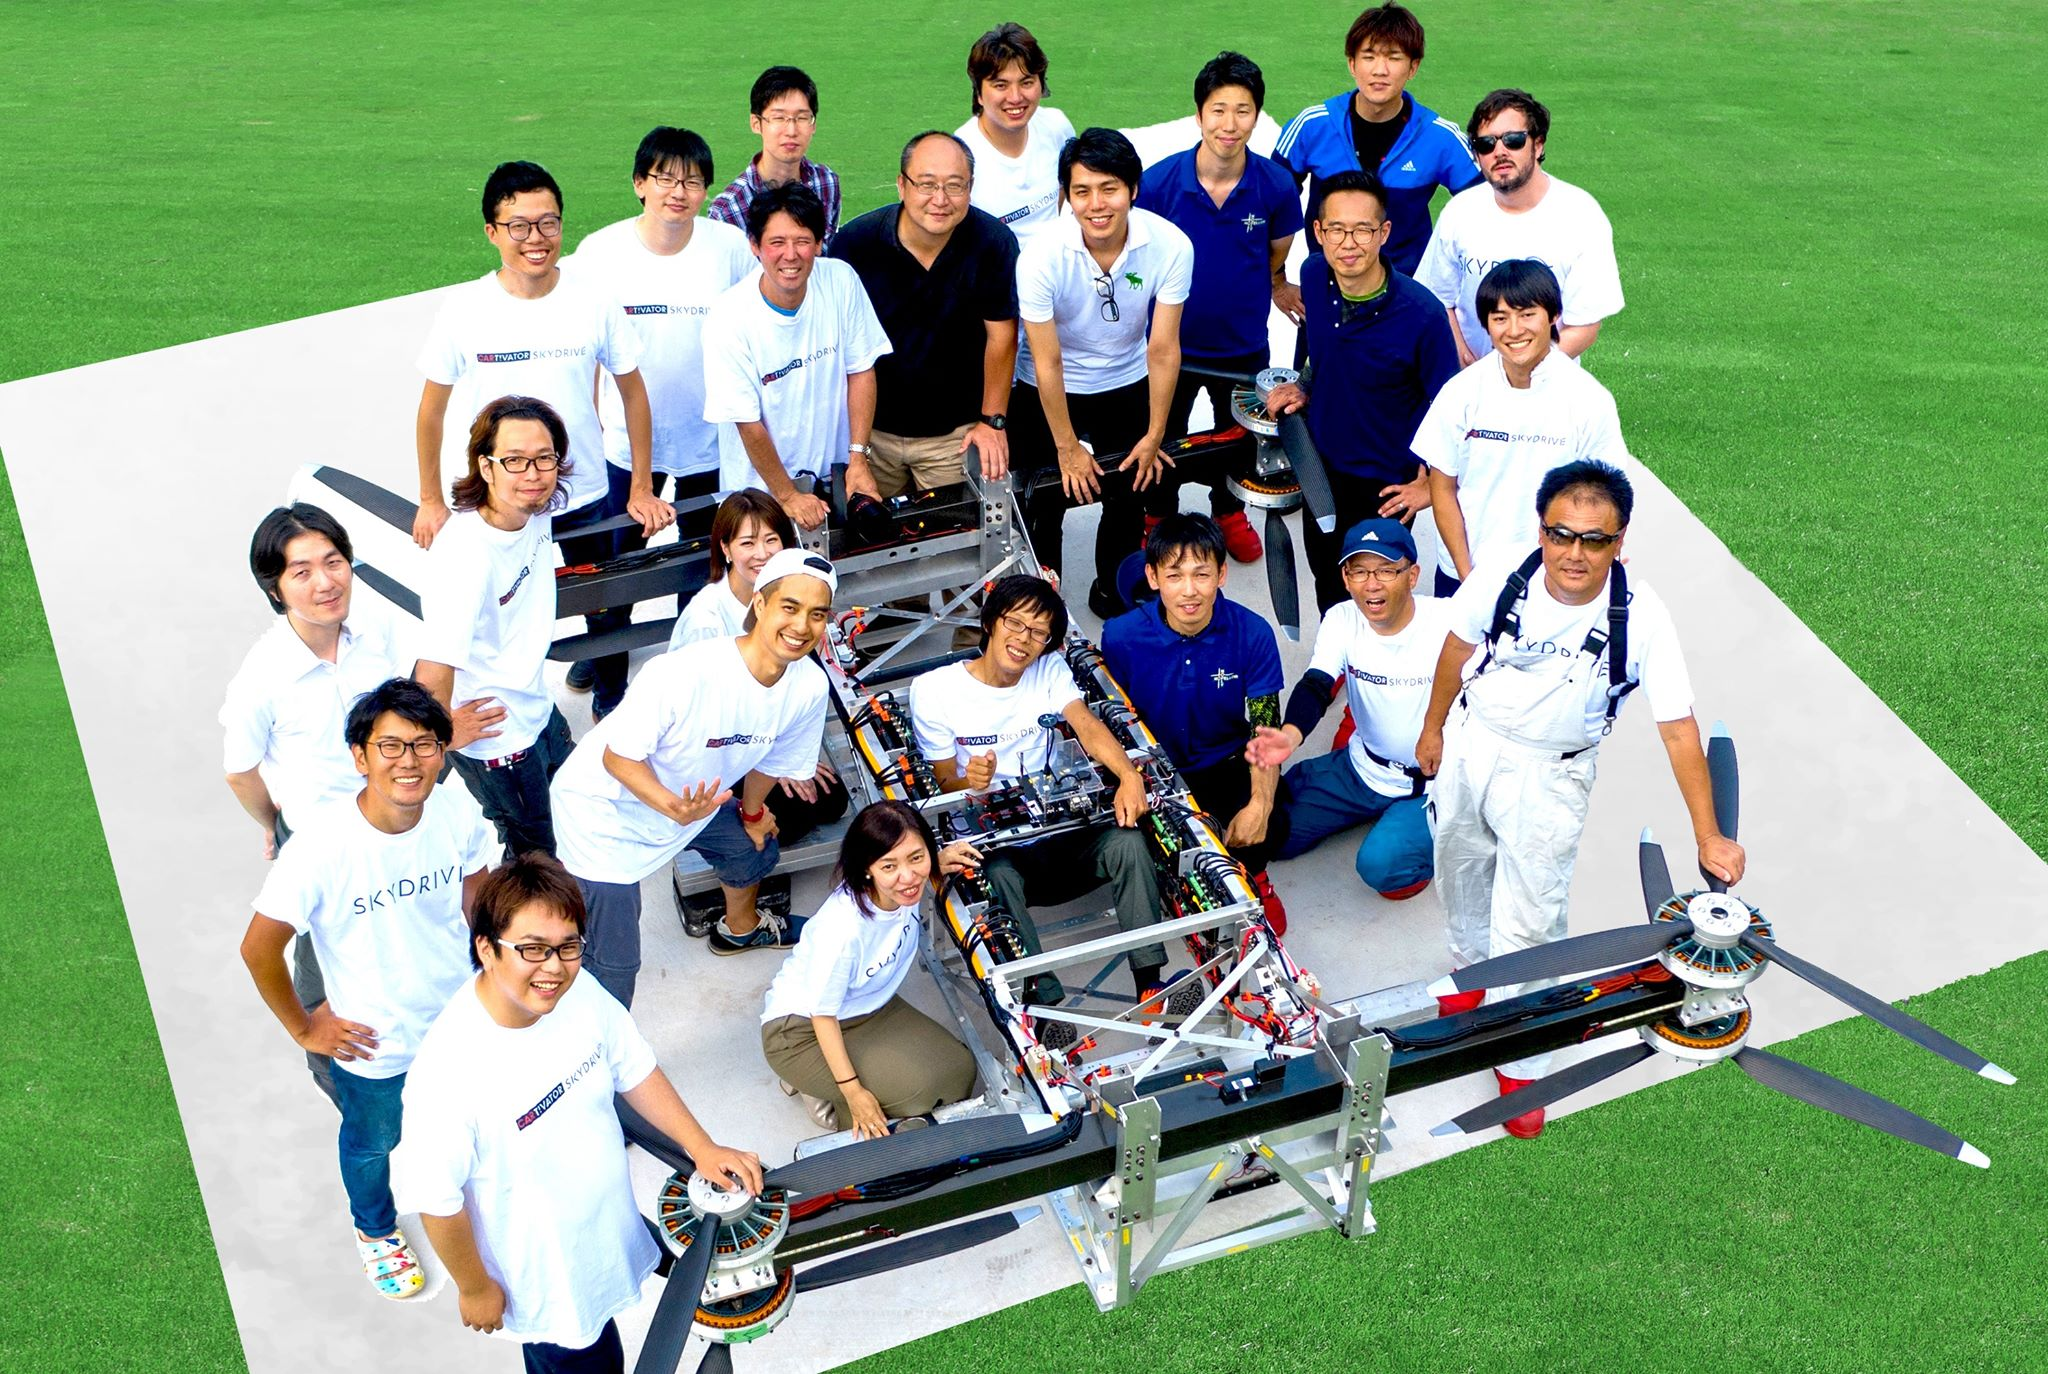 「空飛ぶクルマ」のSkyDriveが15億円調達、年内に有人飛行試験開始へ